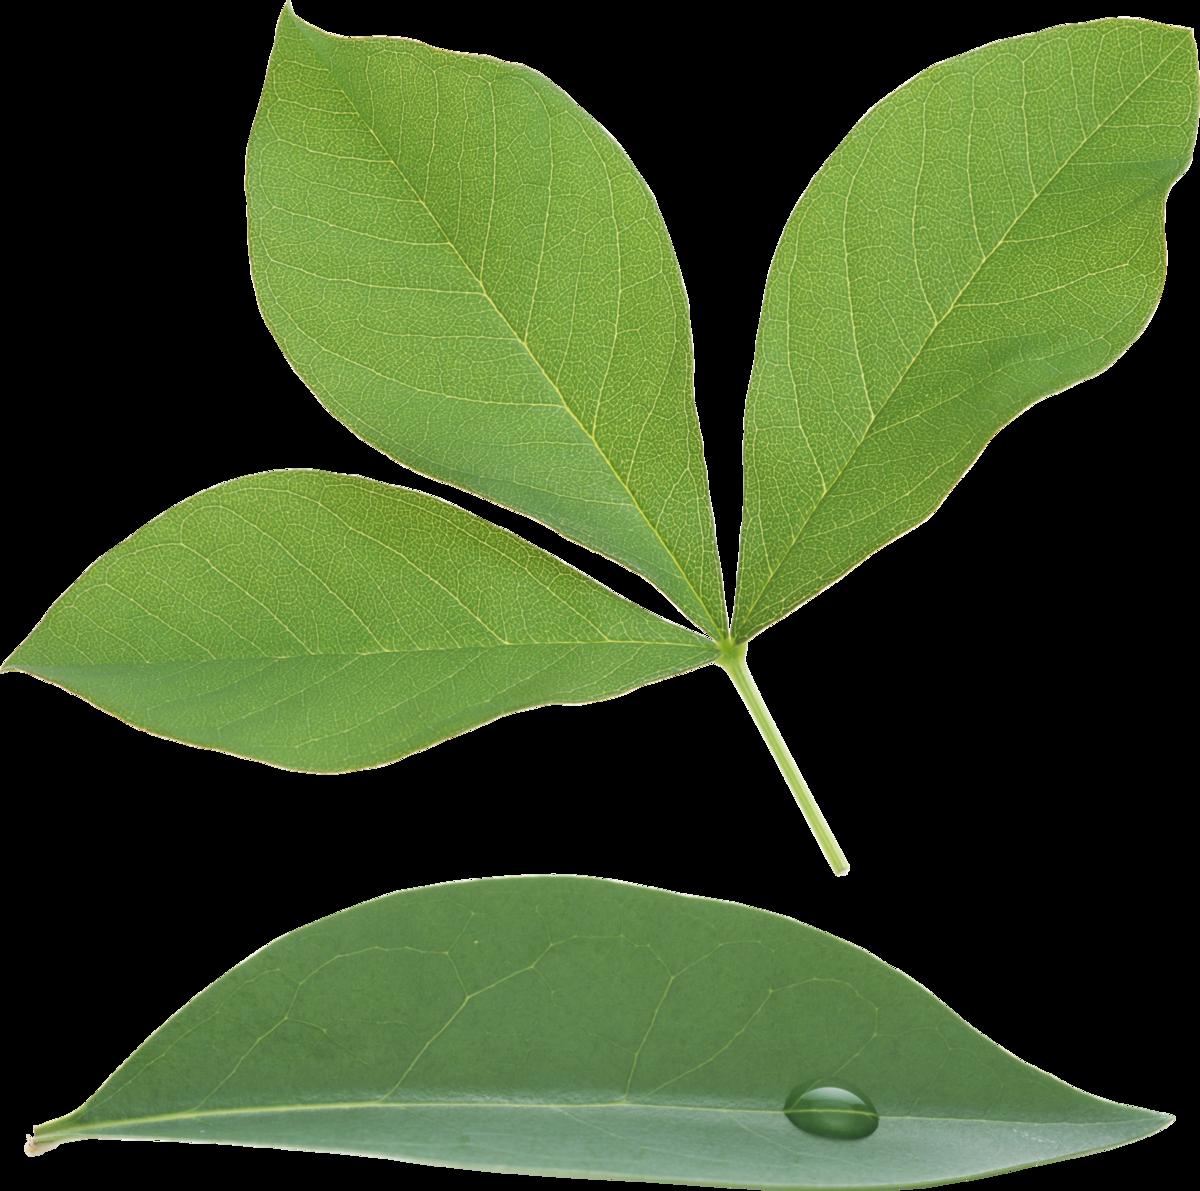 листья широкие рисунок день является